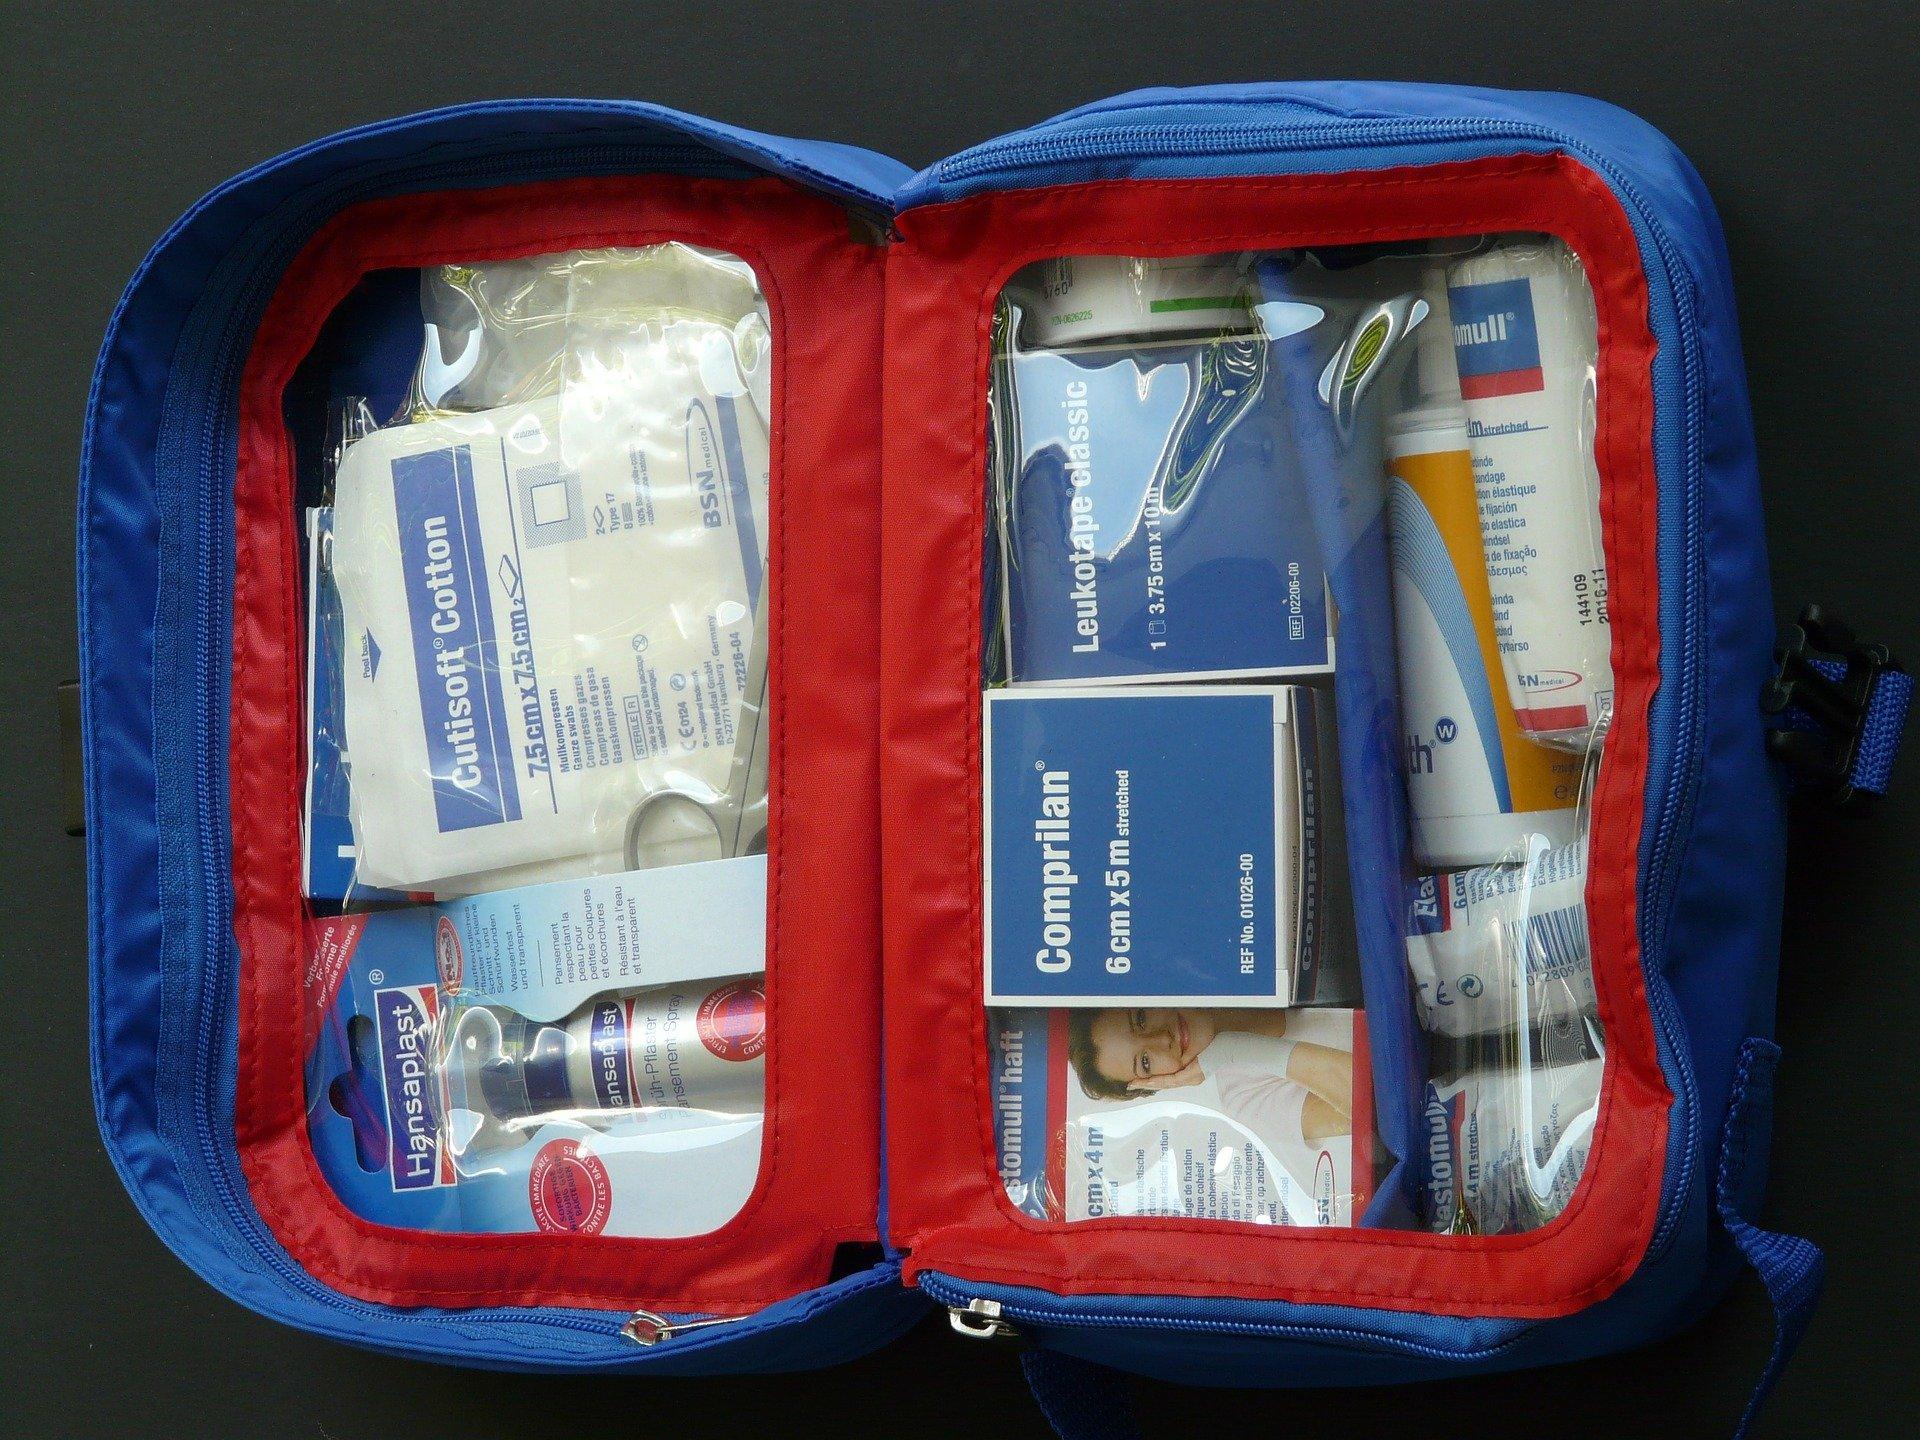 first-aid-kit-59646_1920.jpg